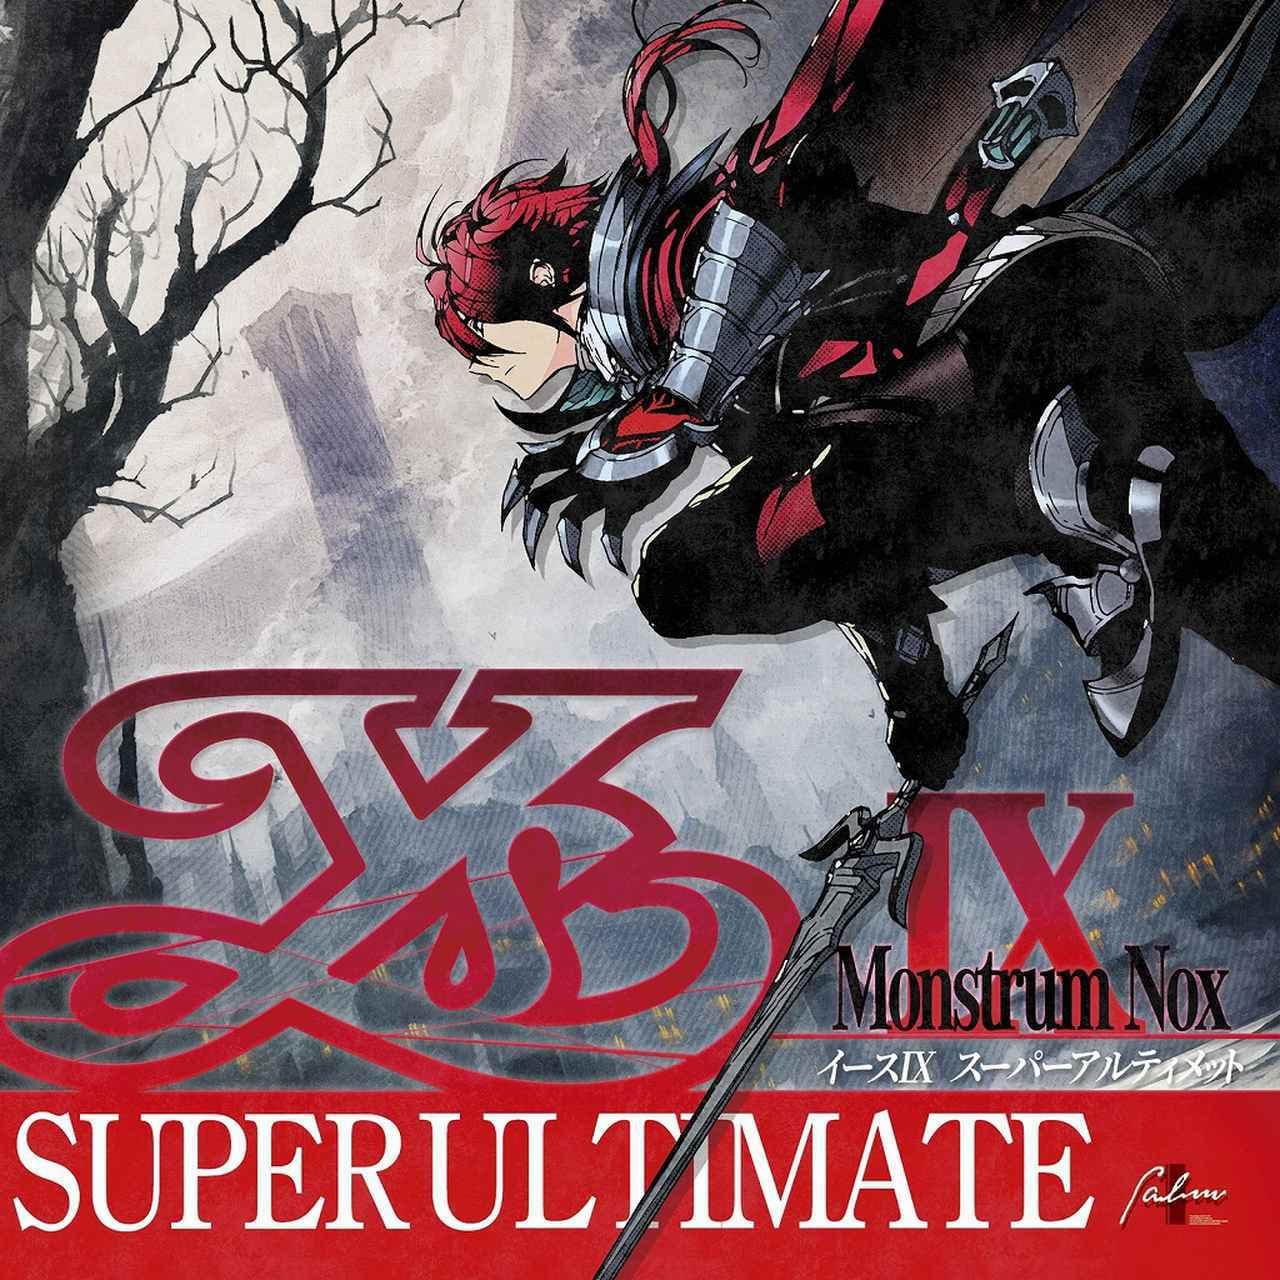 画像: [ハイレゾ] Ys IX SUPER ULTIMATE / Falcom Sound Team jdk